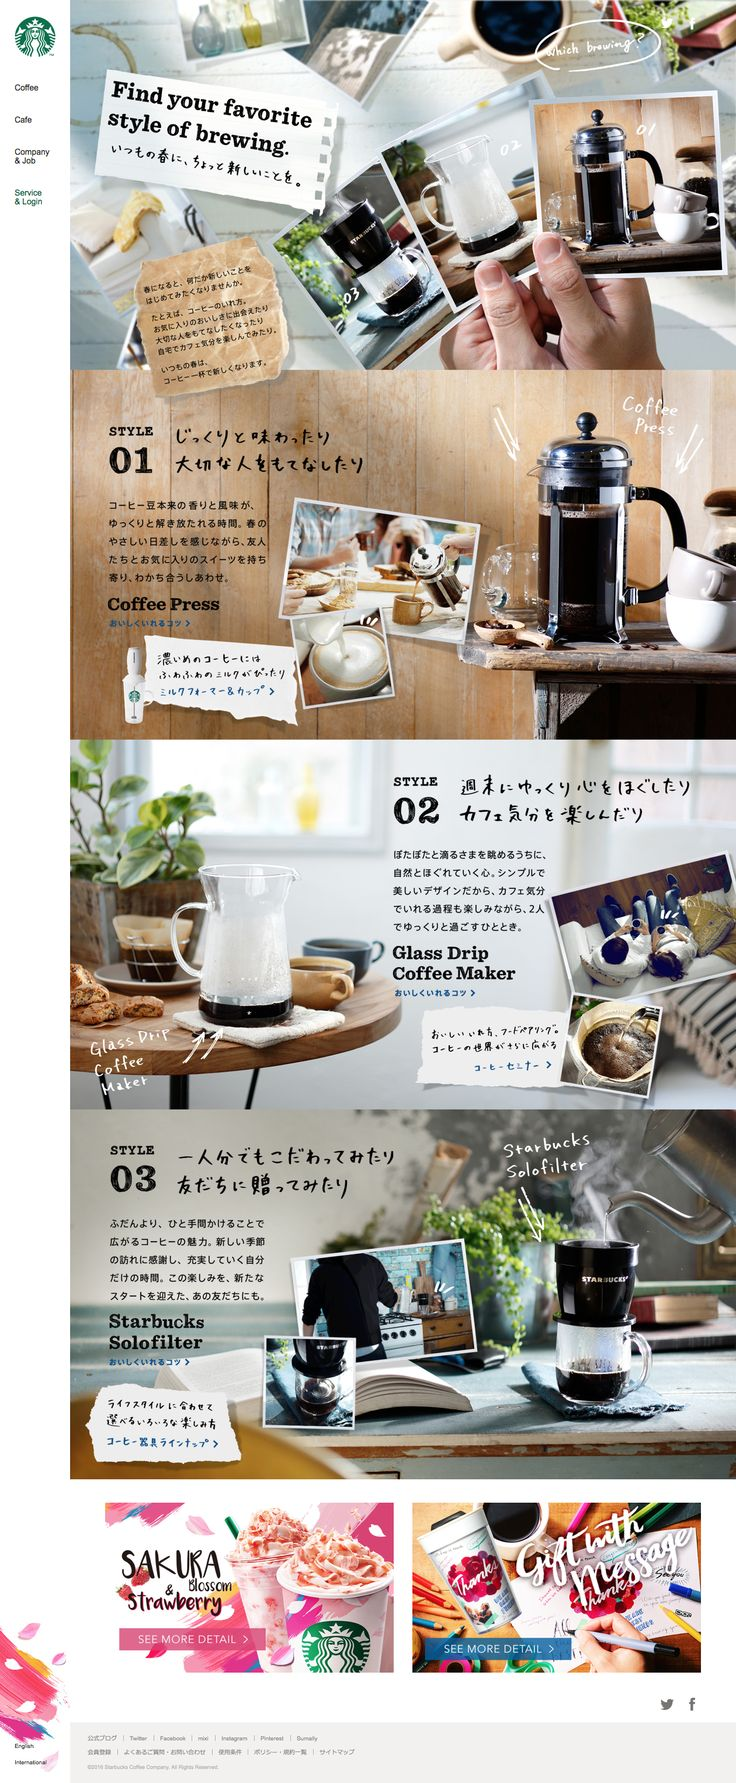 [季節のコーヒー] いつもの春に、ちょっと新しいことを|スターバックス コーヒー ジャパン